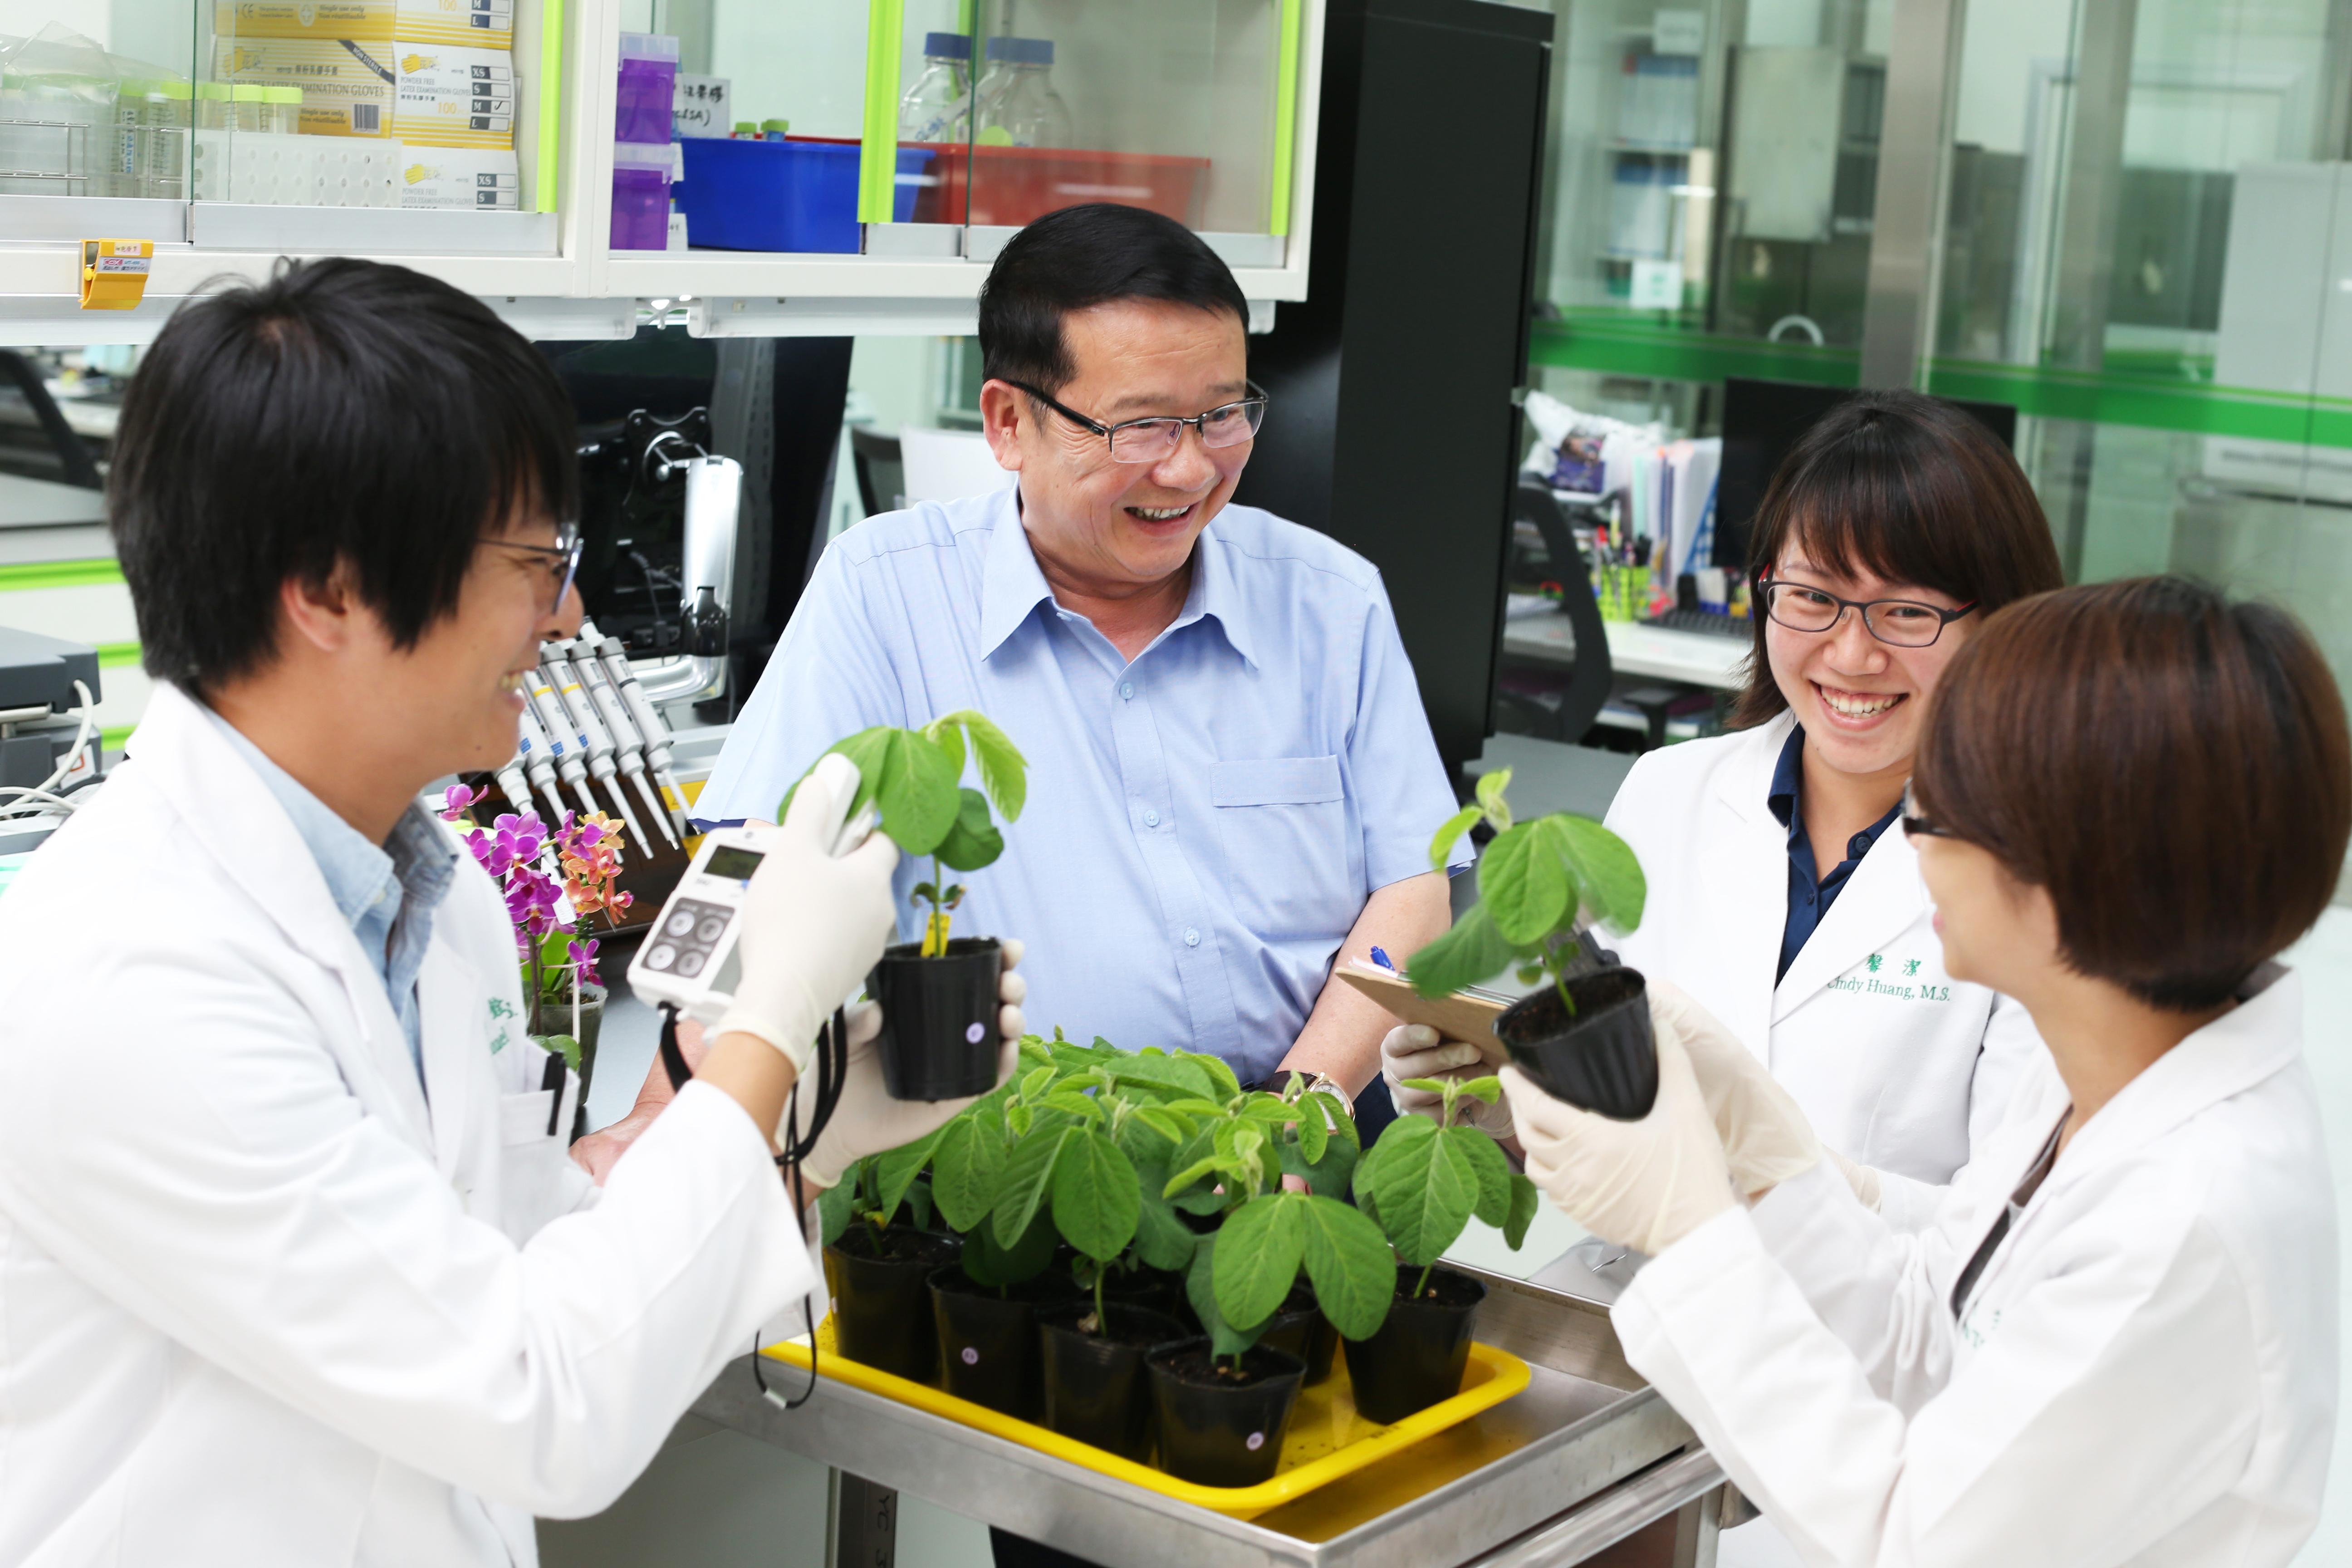 正瀚生技董事長吳正邦(圖中)於農業生技有多年經驗,獨特的商業模式已被美國等主要農業市場驗證成功